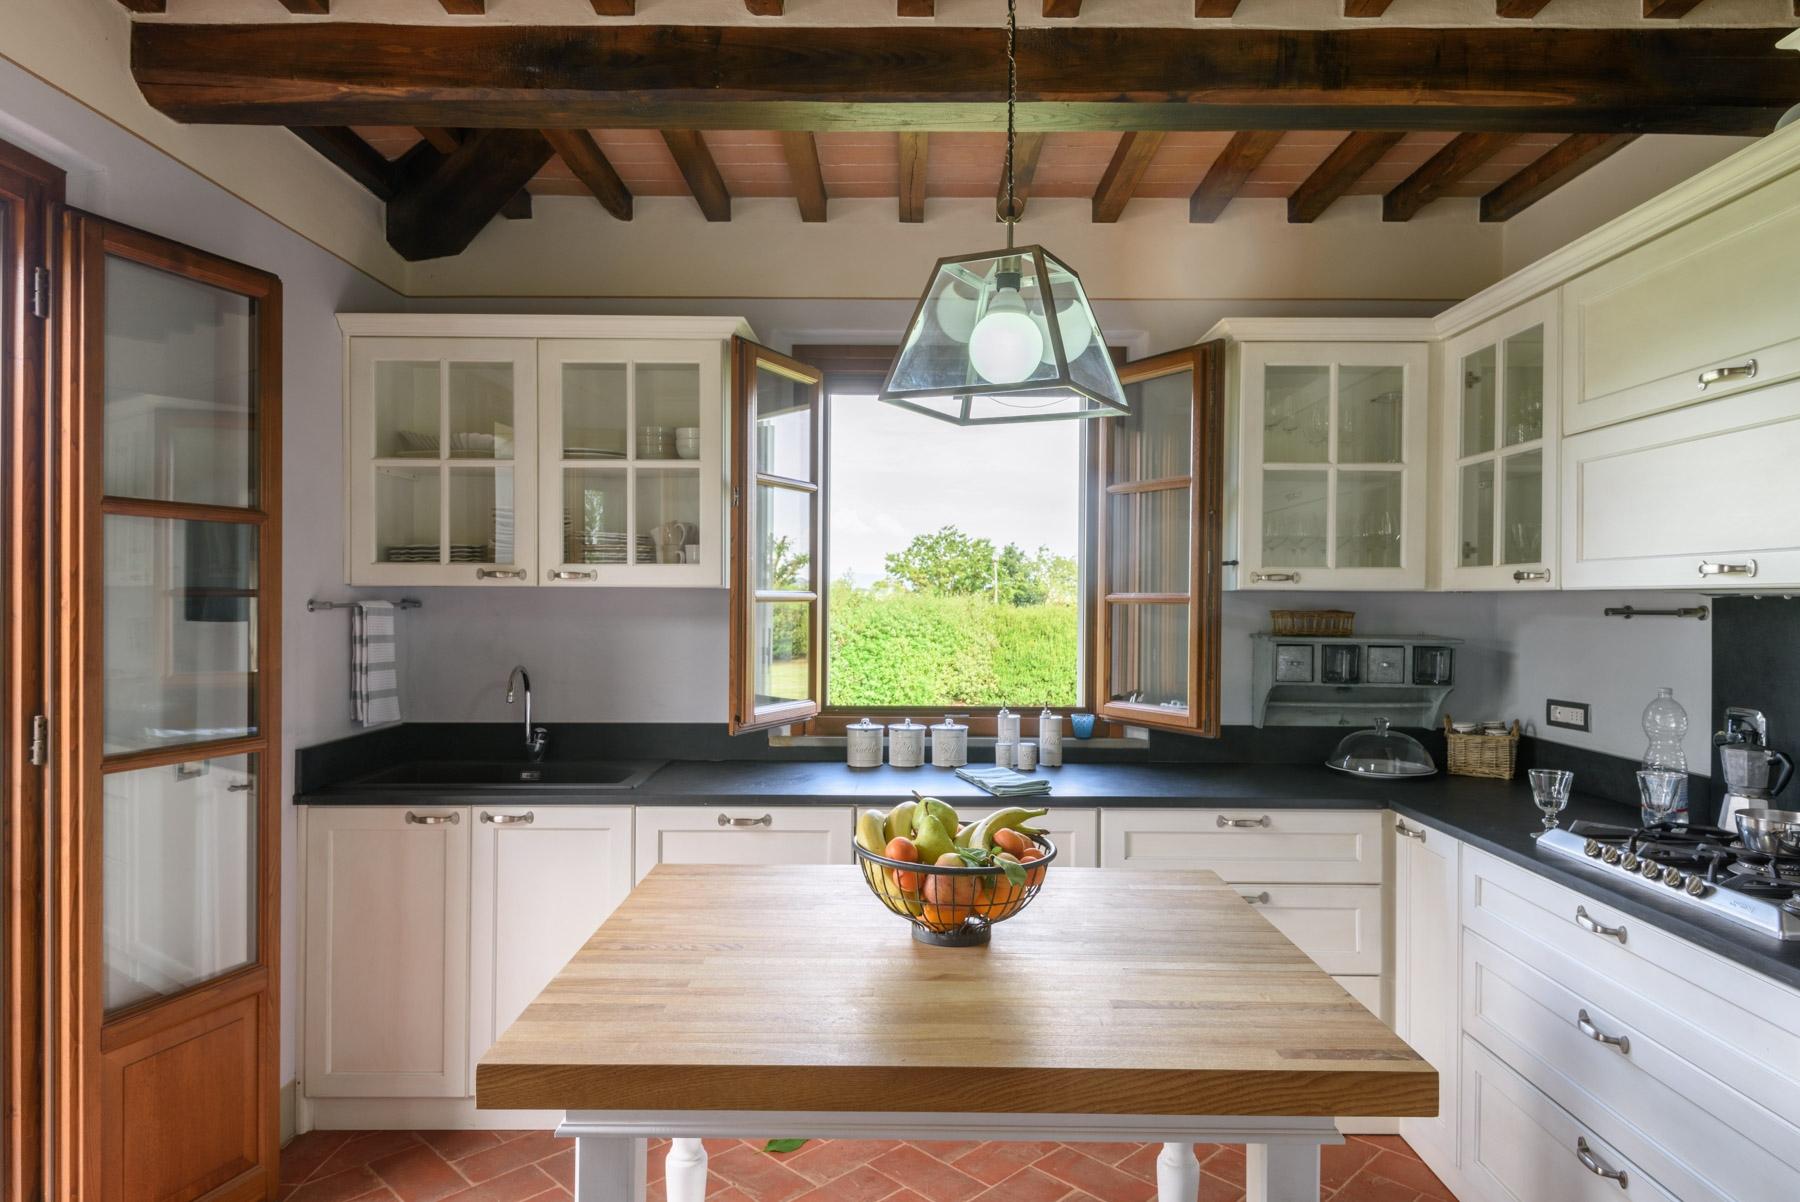 Villa in Vendita a Cortona: 5 locali, 246 mq - Foto 21